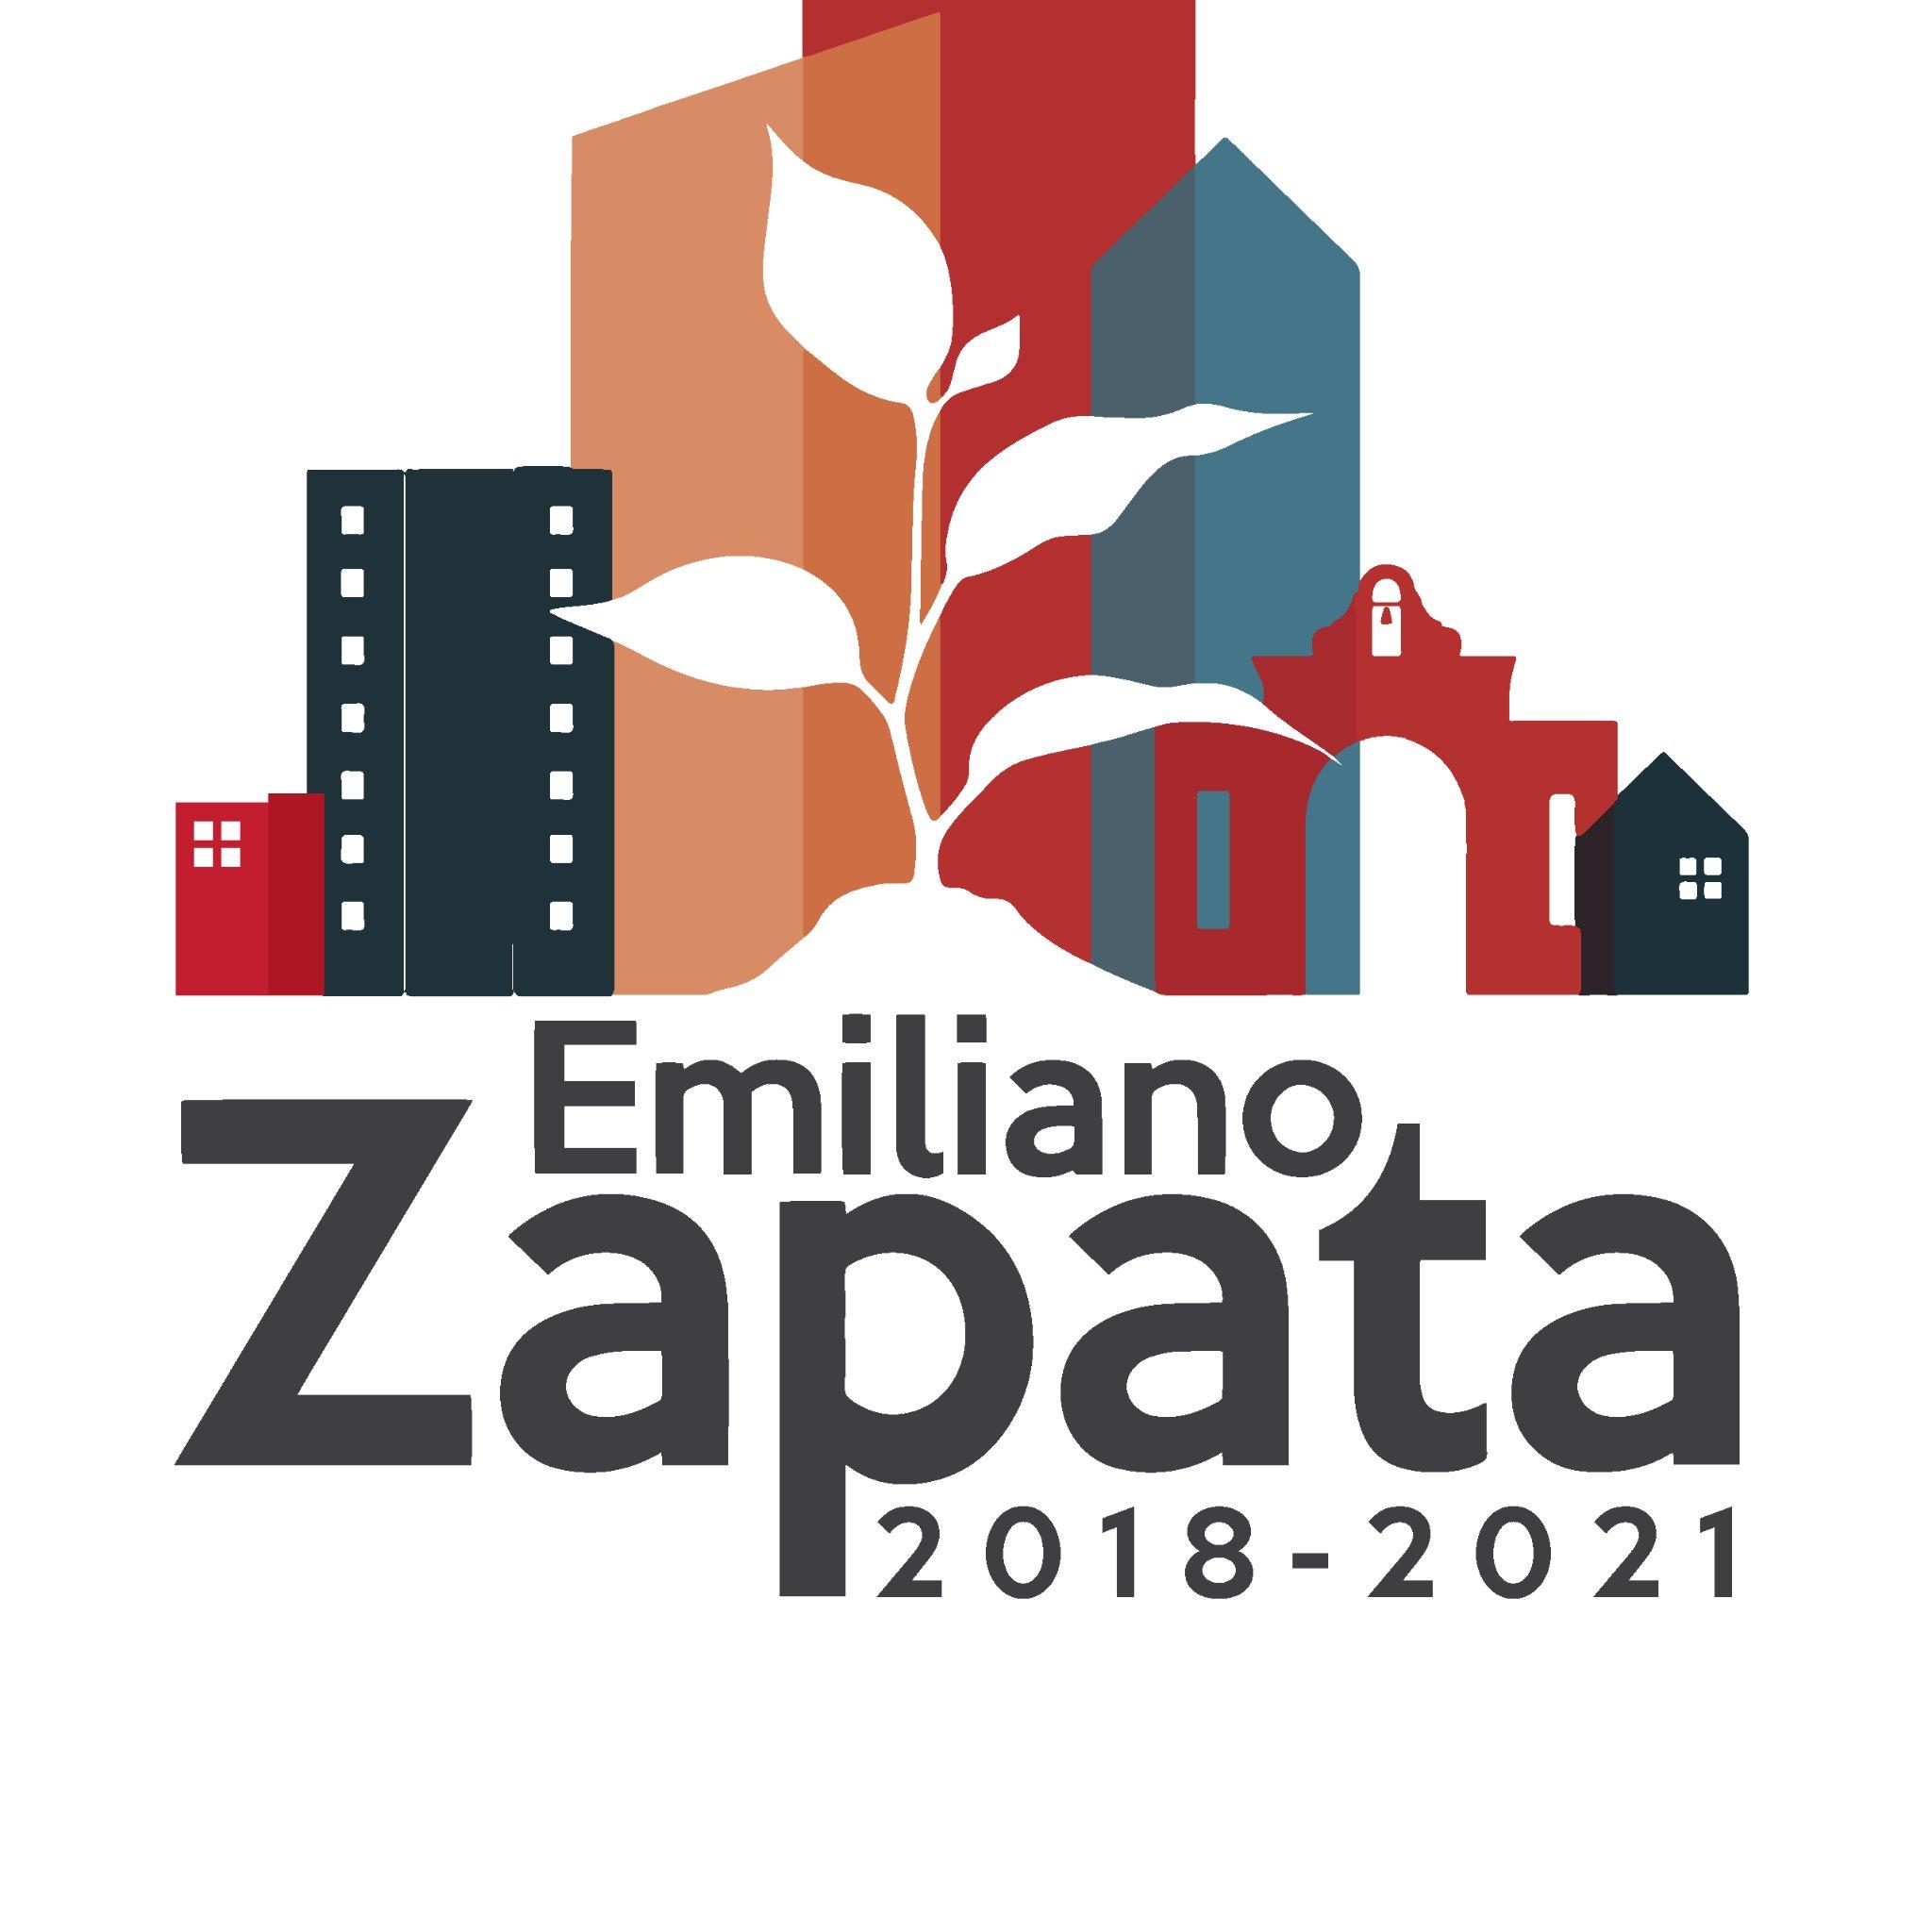 Municipio De Emiliano Zapata Veracruz On Twitter Debido A